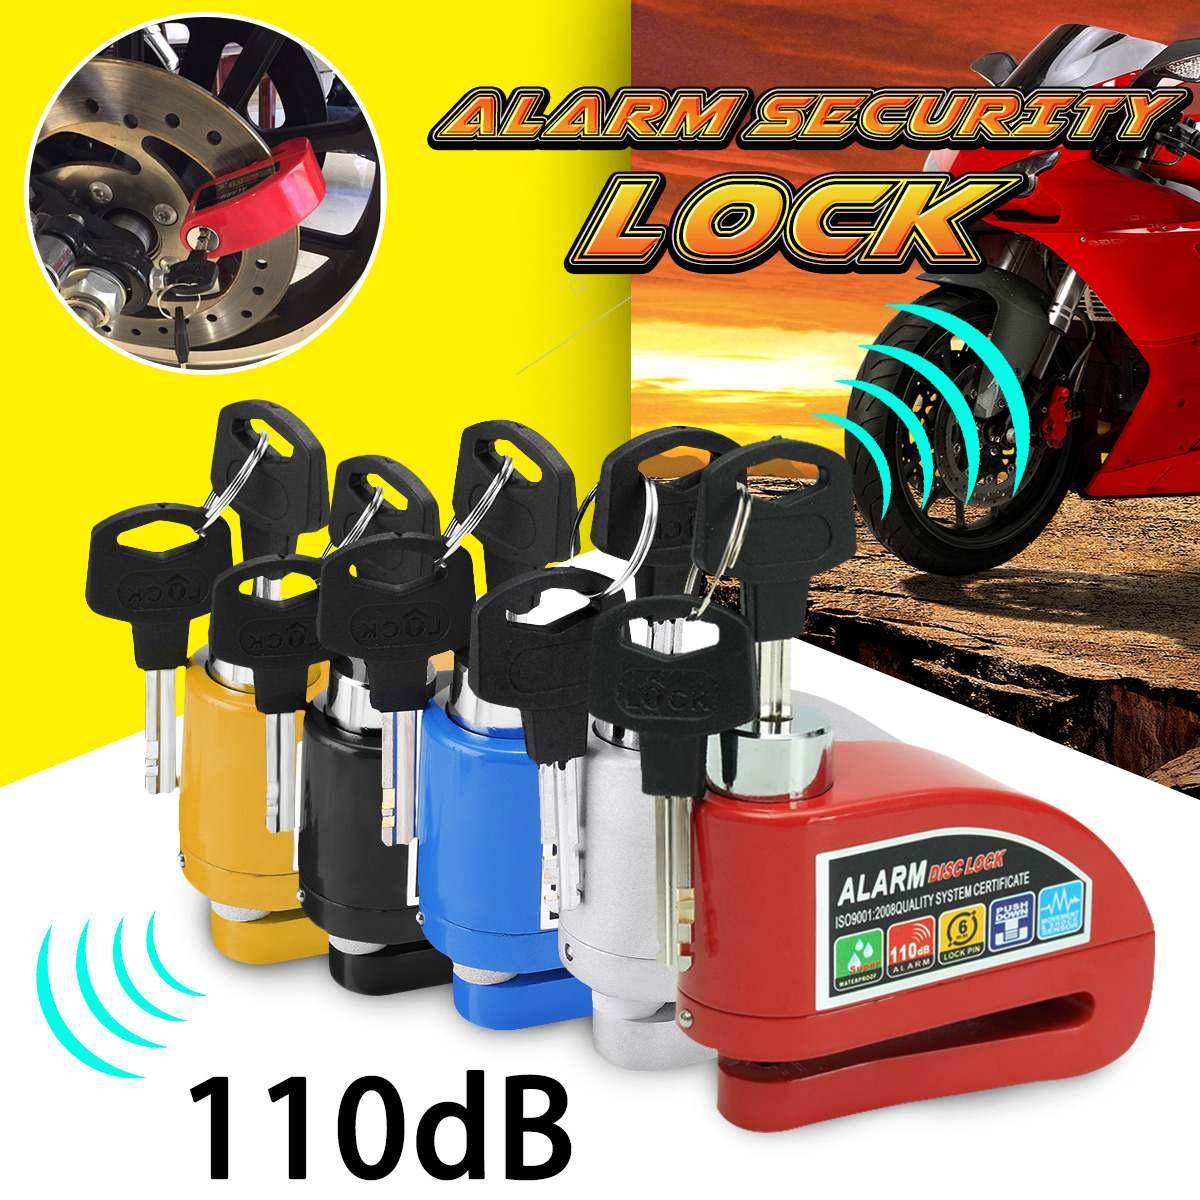 Metal Motorcycle Scooter Security Anti-theft Wheel Disc Brake Lock Alarm Kit 2m/6ft Reminder Cable Alarm Lock Bike Brake Bag